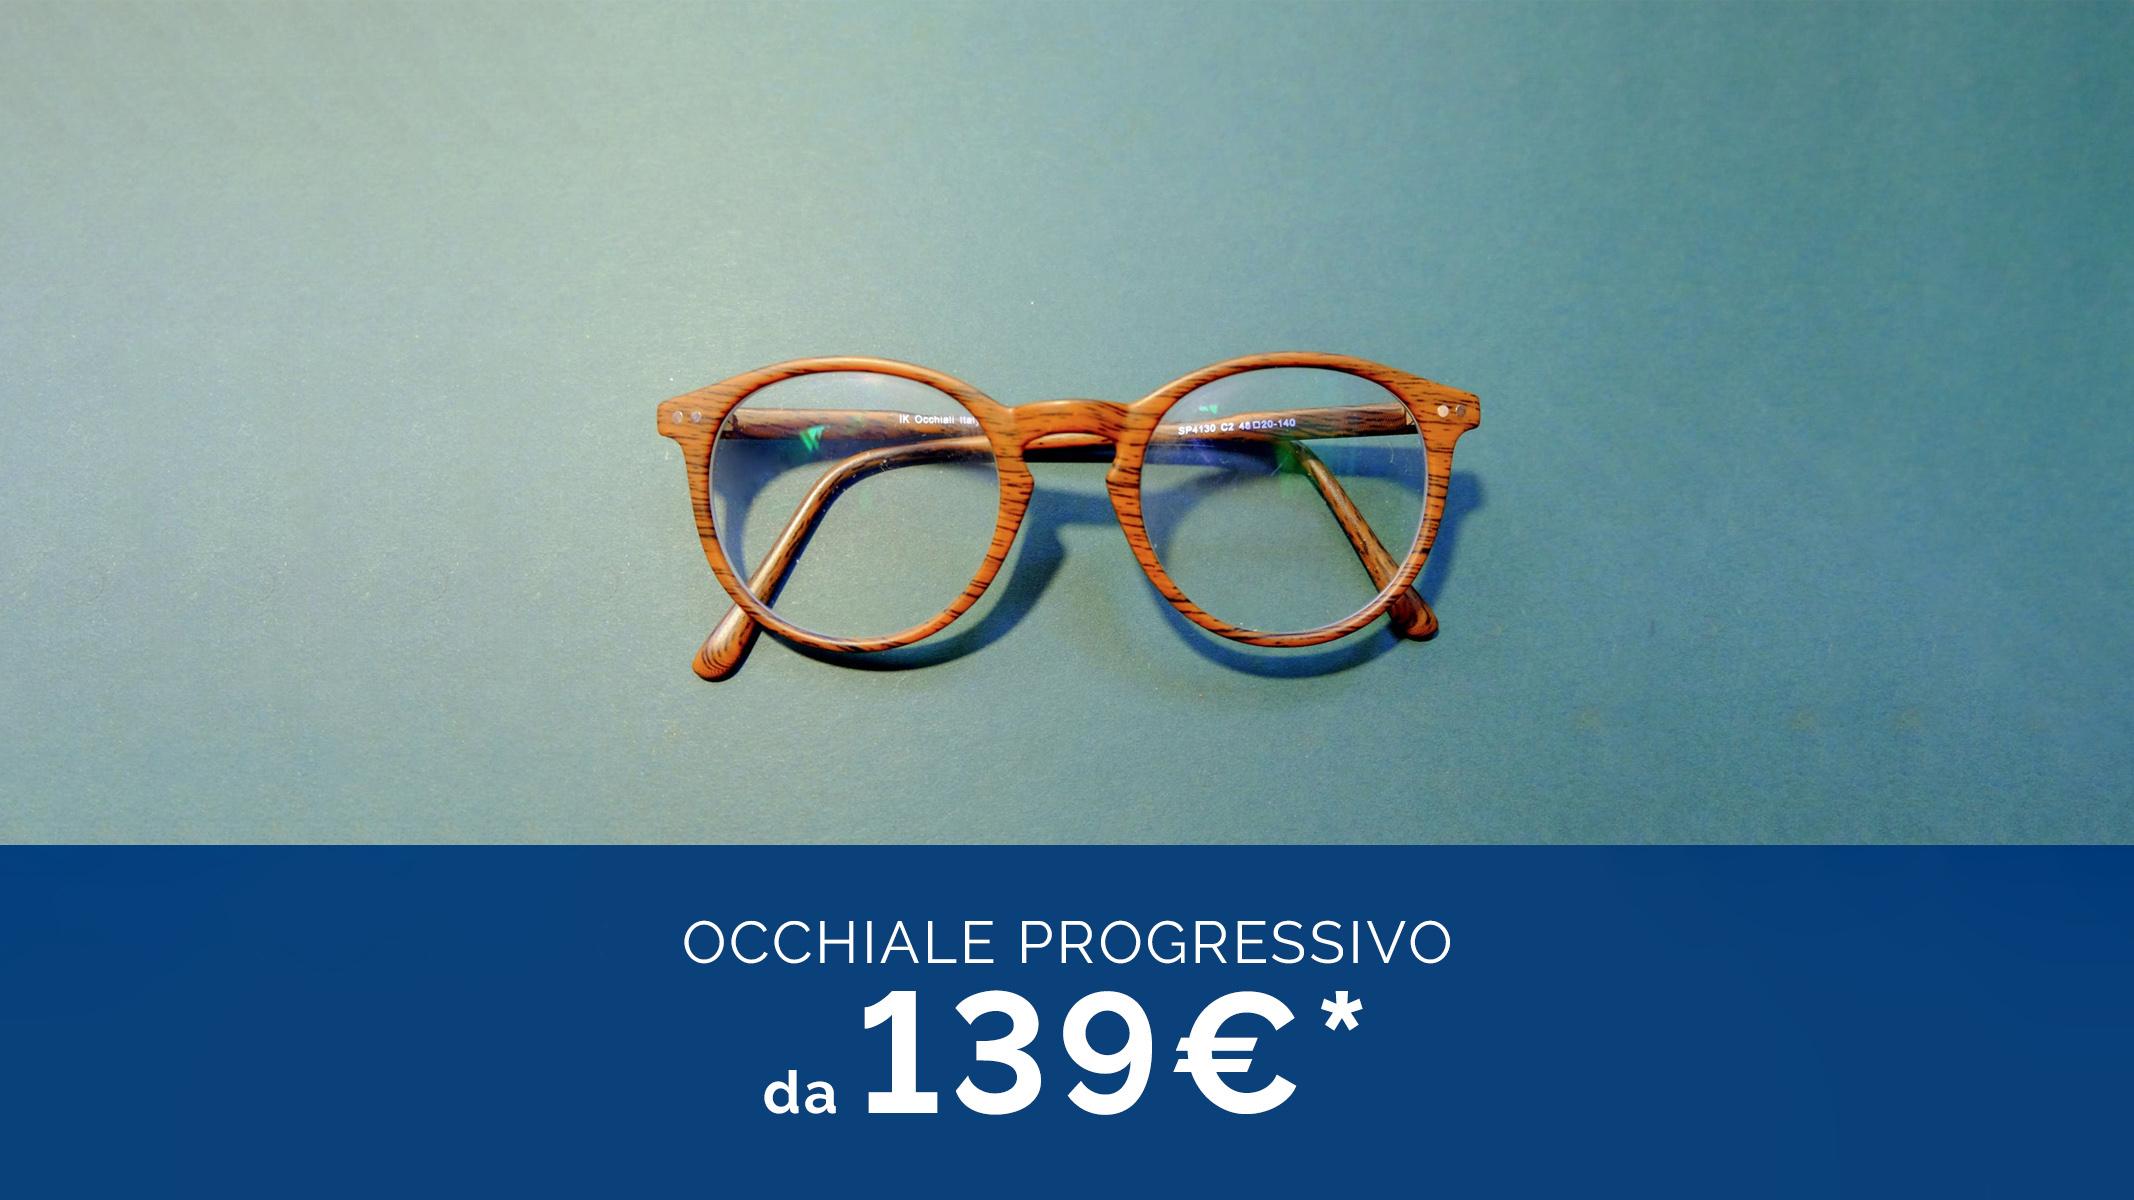 Solo a giugno e luglio: occhiali con lenti progressive da soli 139€